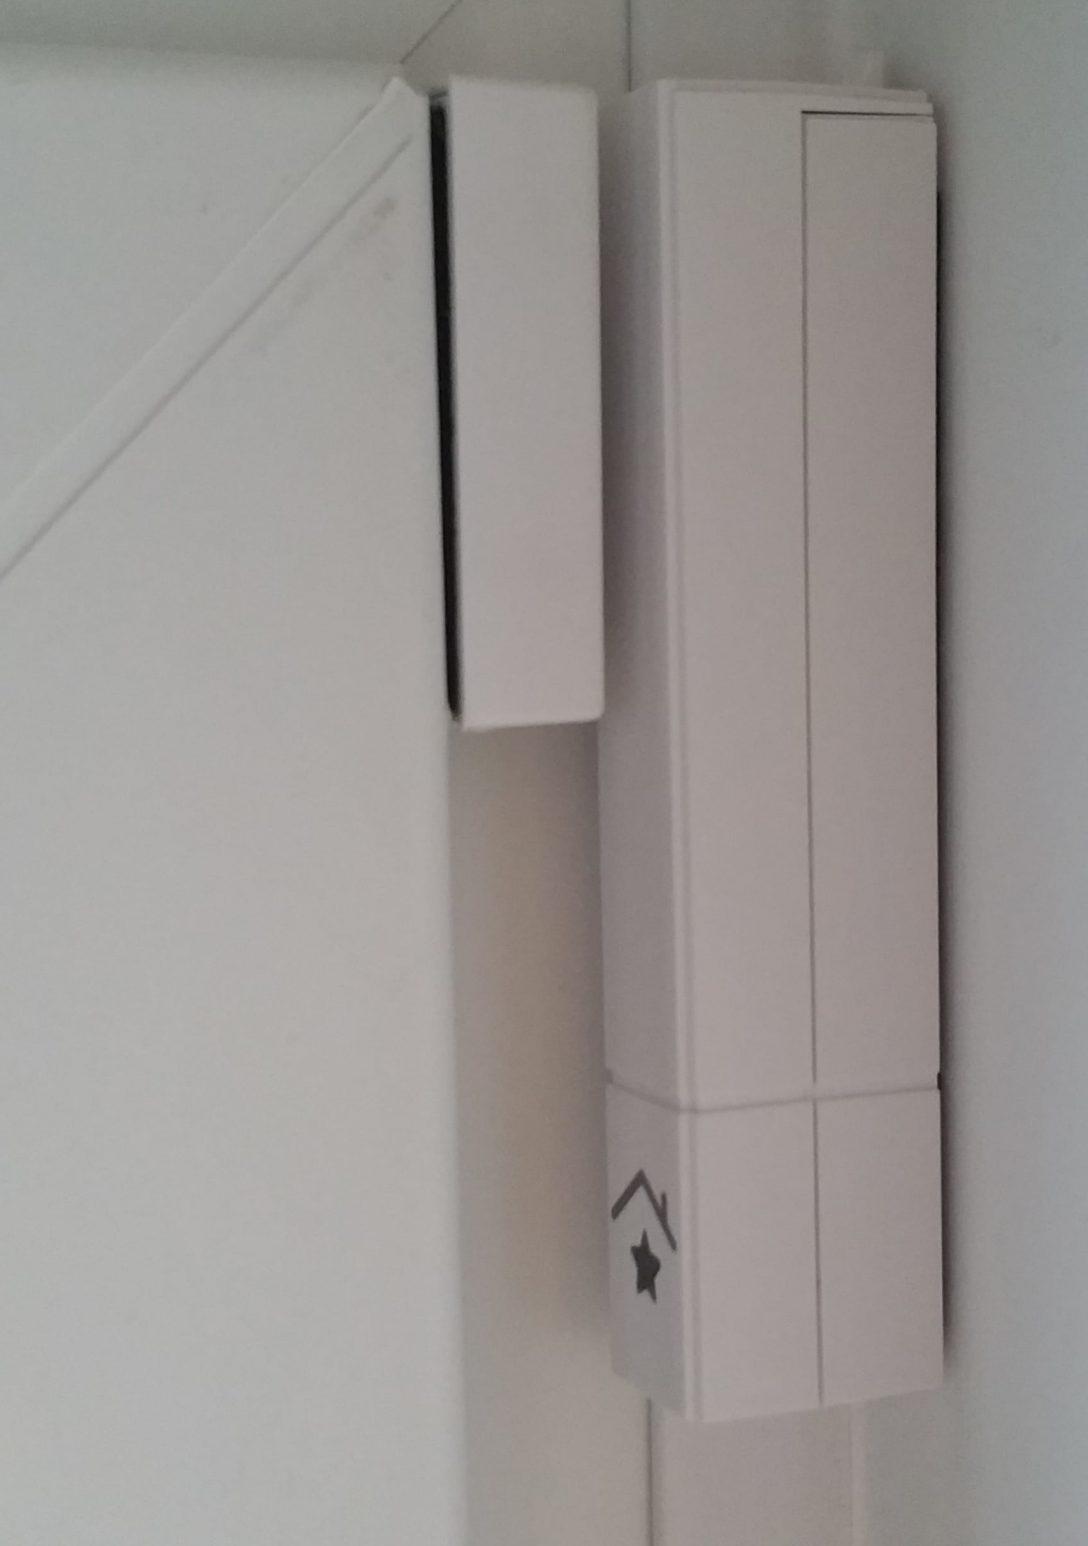 Large Size of Fenster Alarmanlage Landi Test Mit Fernbedienung Bauhaus Funk App Ratgeber Tr Und Fenstersensor Fr Alarmanlagen Kaufberatung Verdunkeln Konfigurieren Schüco Fenster Fenster Alarmanlage